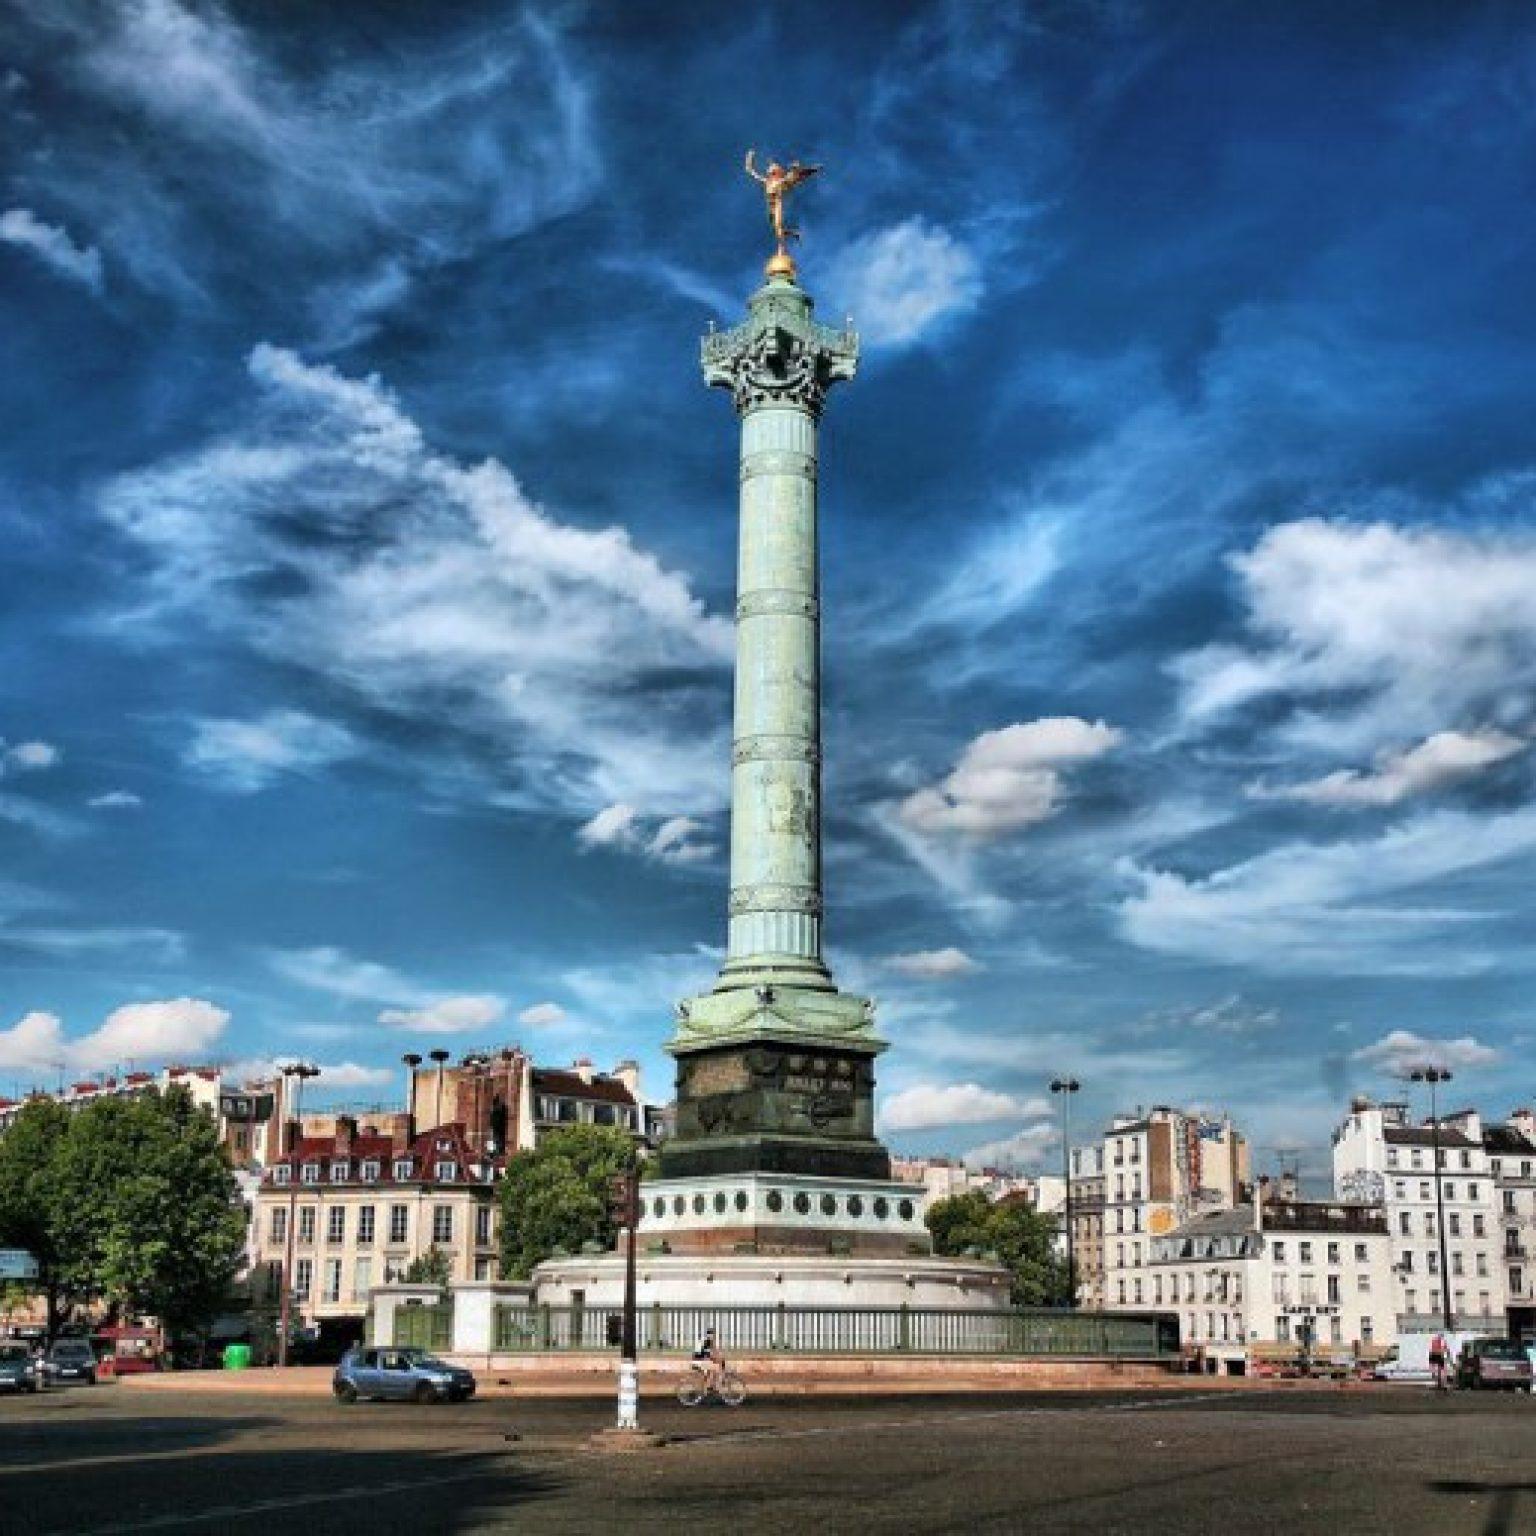 Достопримечательности Парижа: Площадь Бастилии